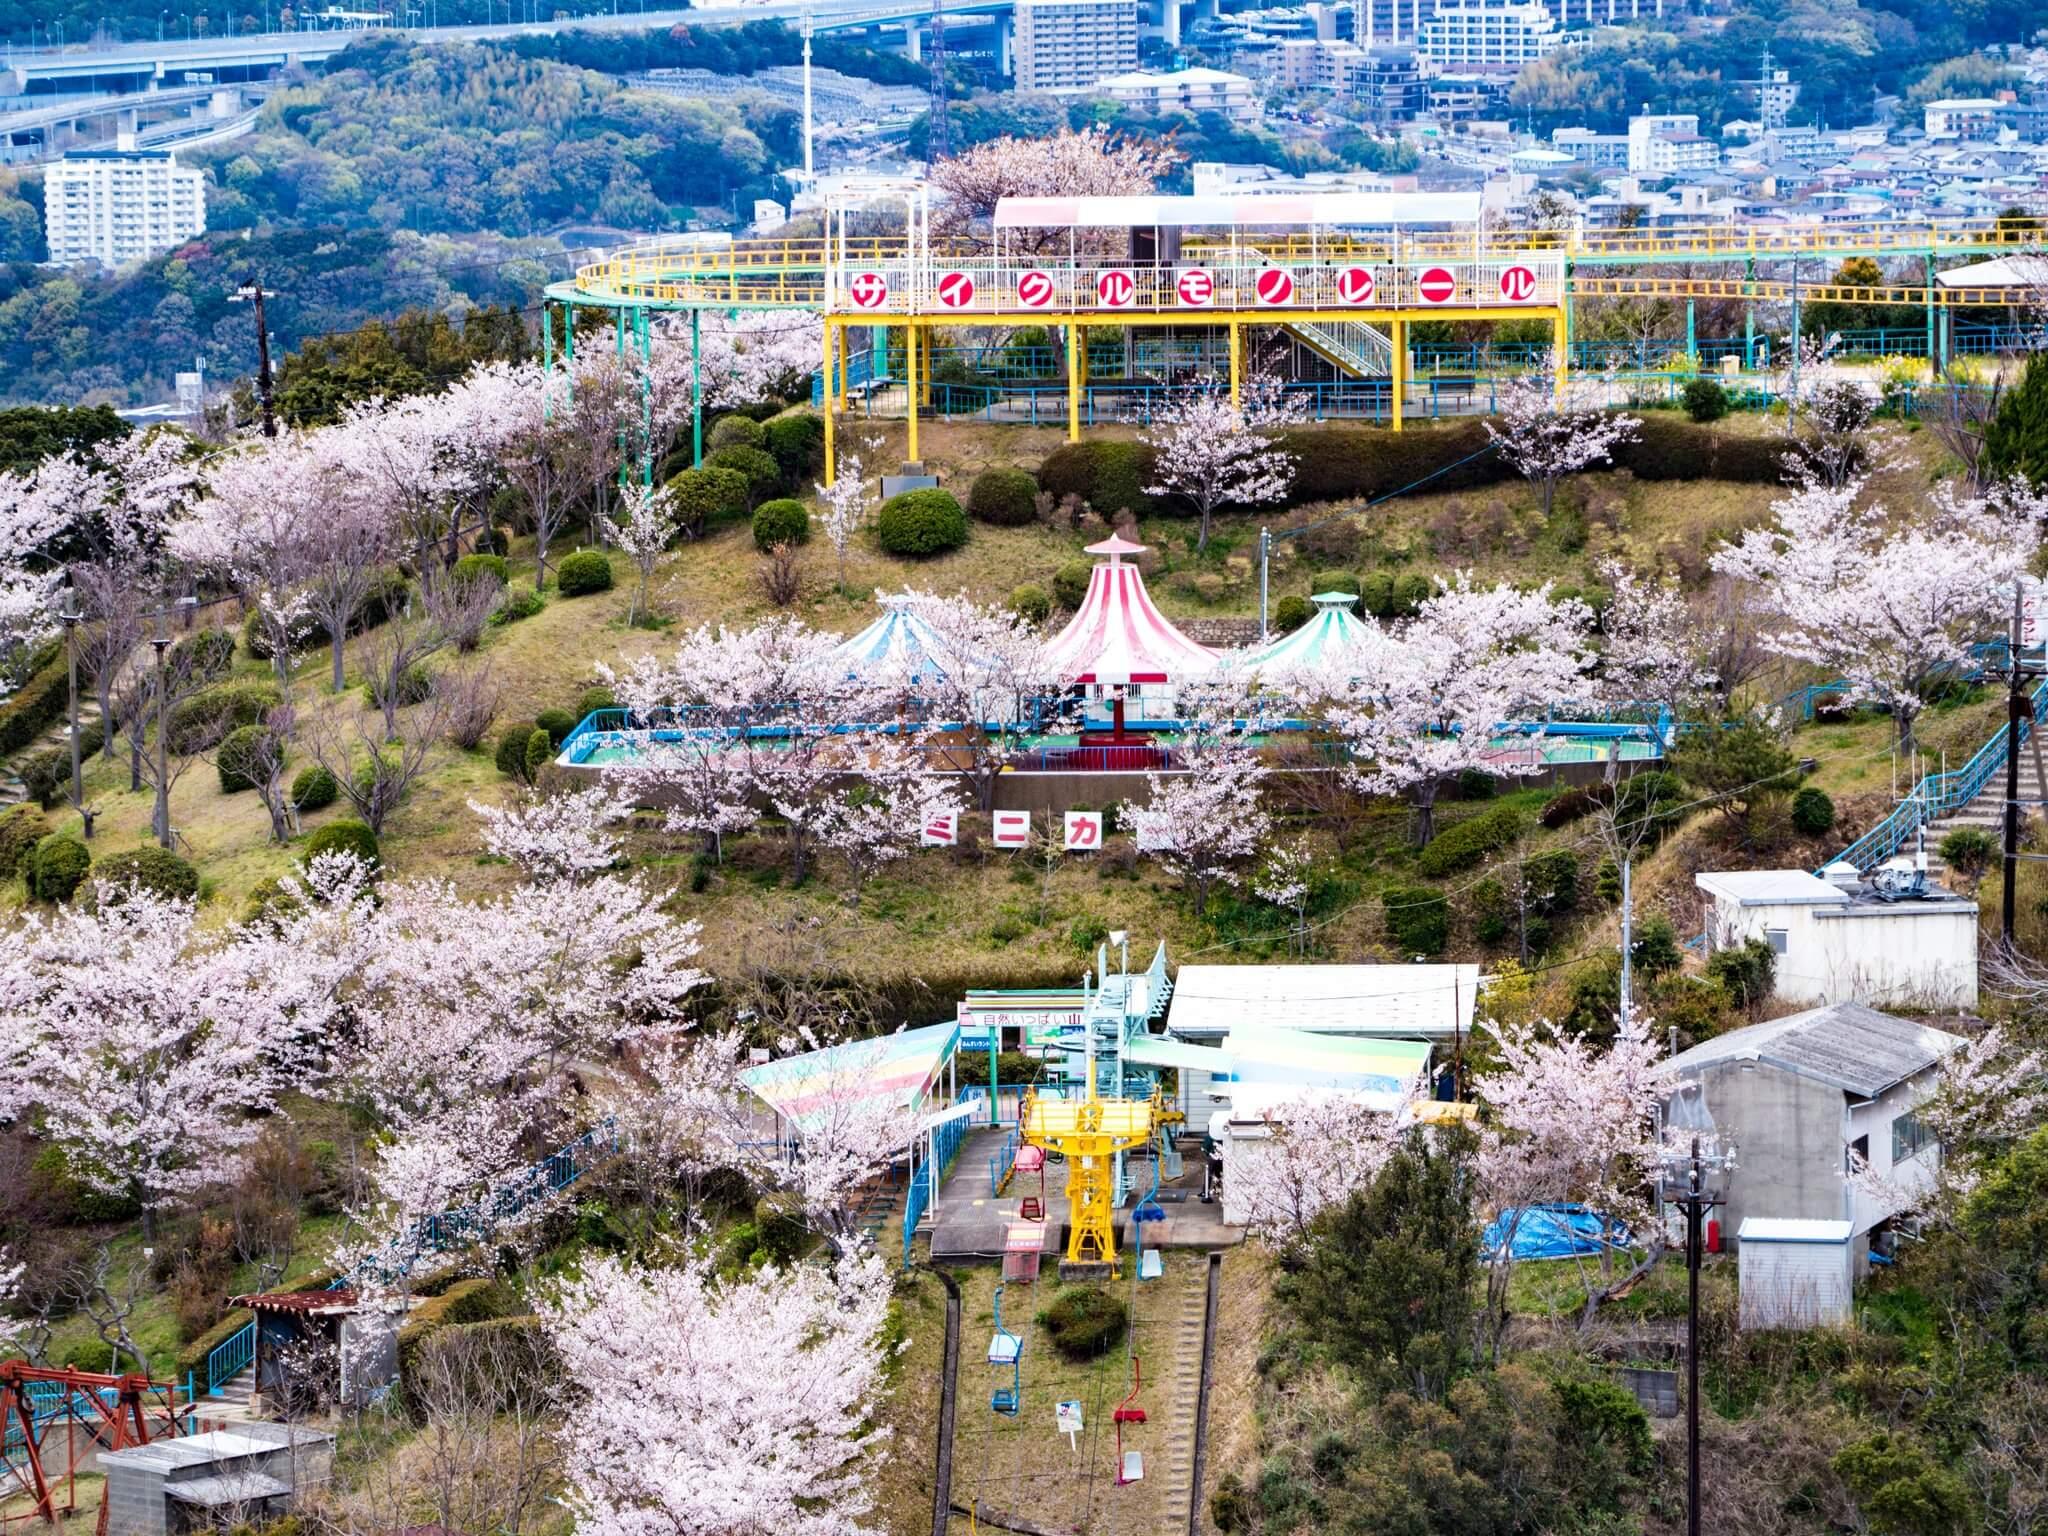 須磨浦公園・須磨浦山上遊園